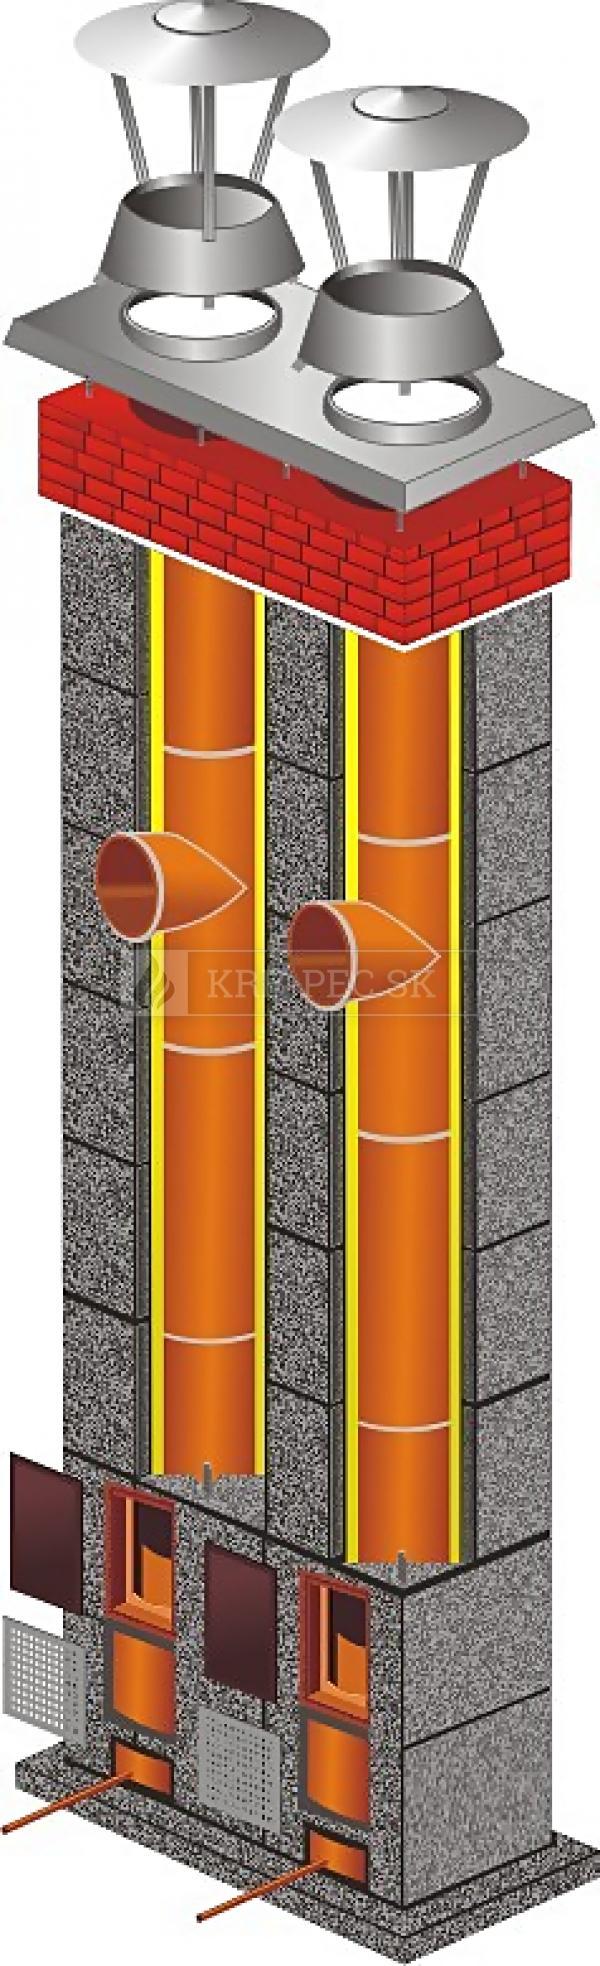 Stadreko - Dvojprieduchový komínový systém z prefabrikovaných tvárnic s vatou Ø 200 / Ø 180 krb-pec